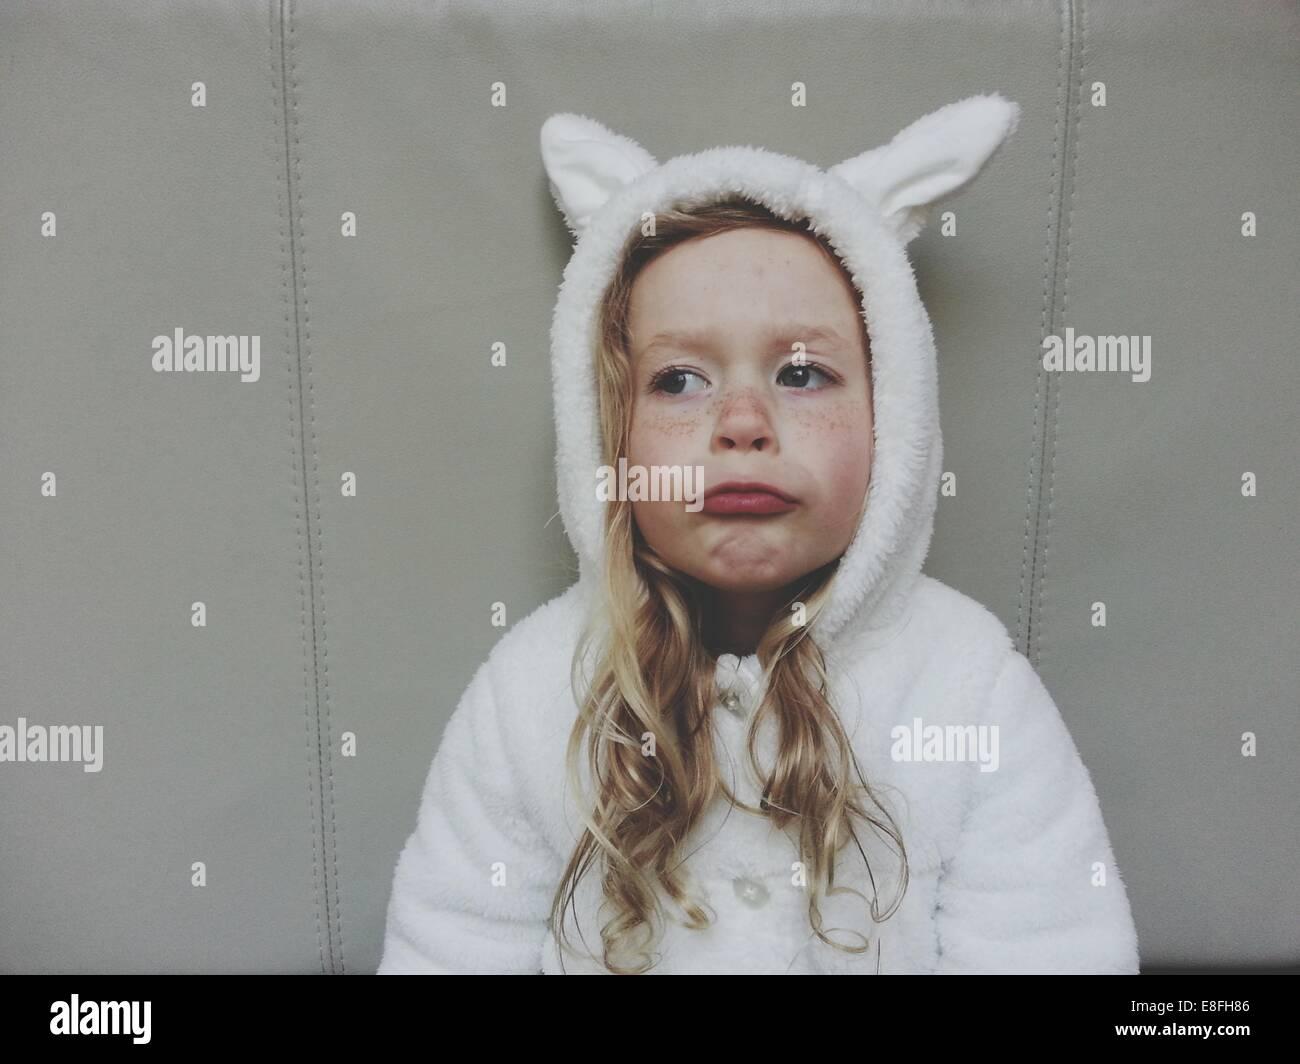 Girl in bunny rabbit costume - Stock Image